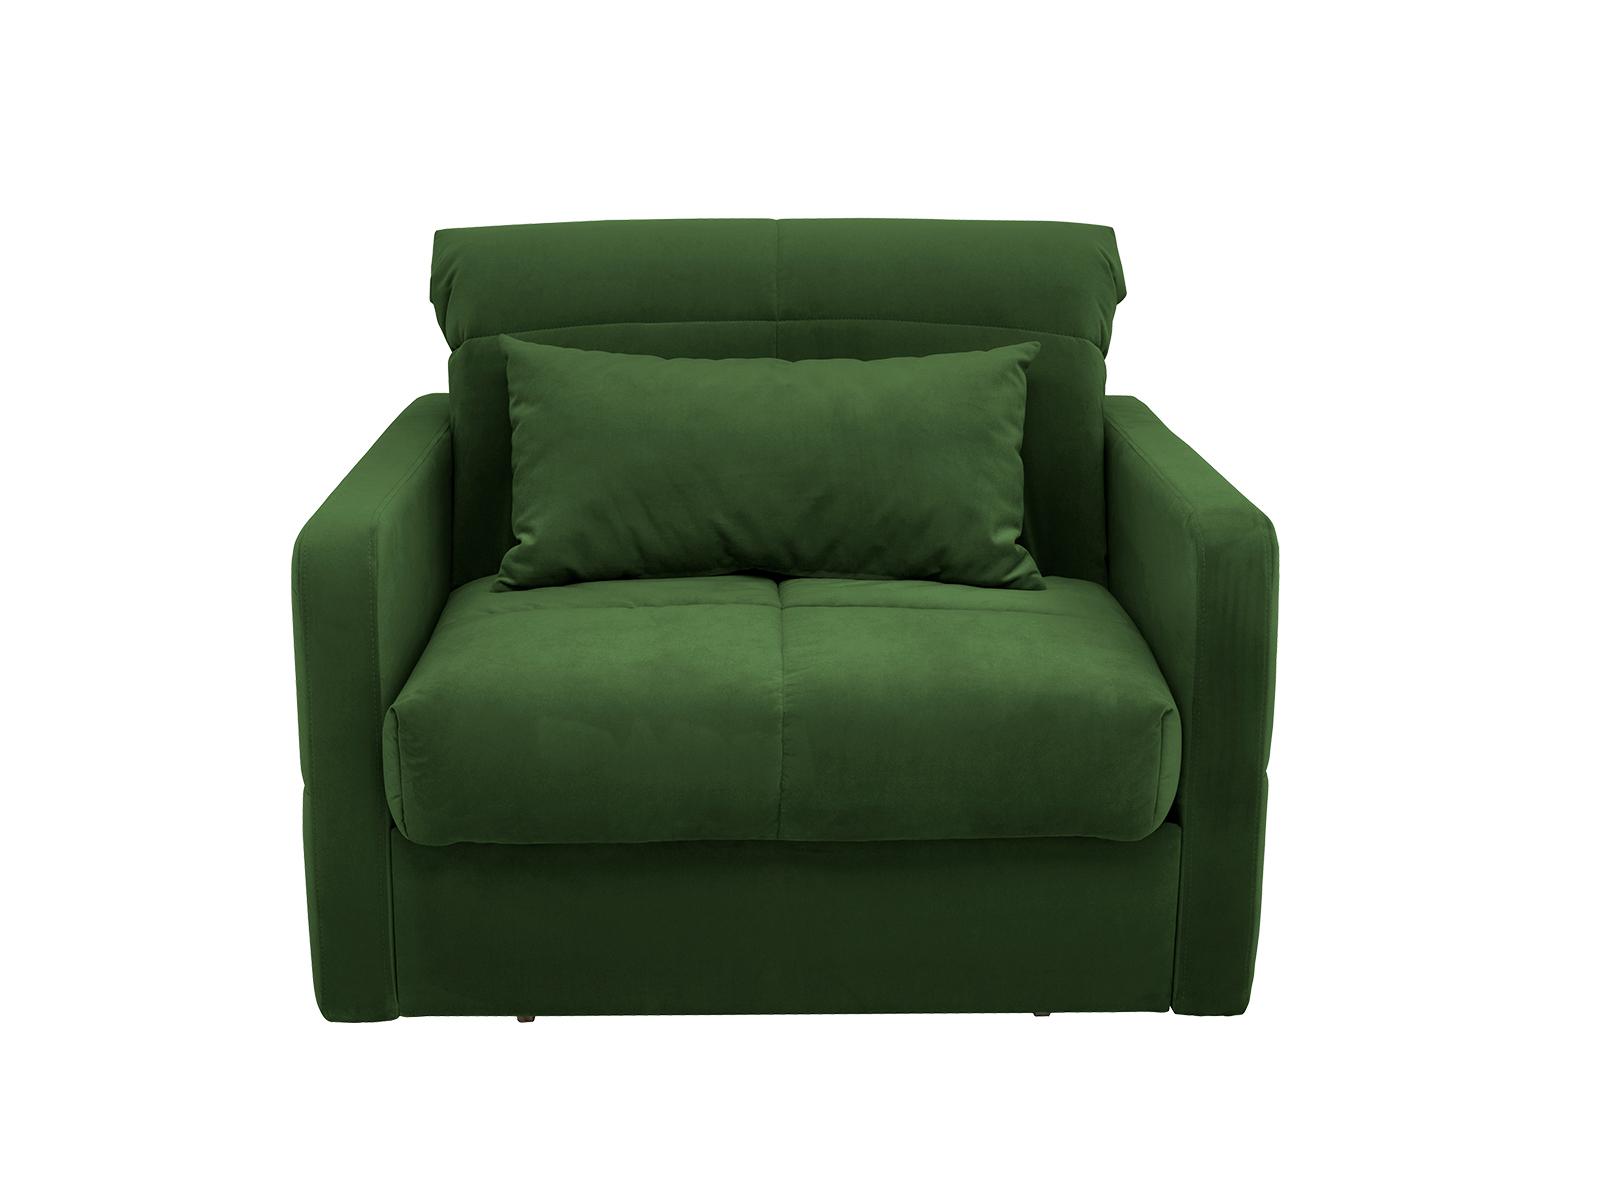 Кресло-кровать DNV&KAN 15433838 от thefurnish